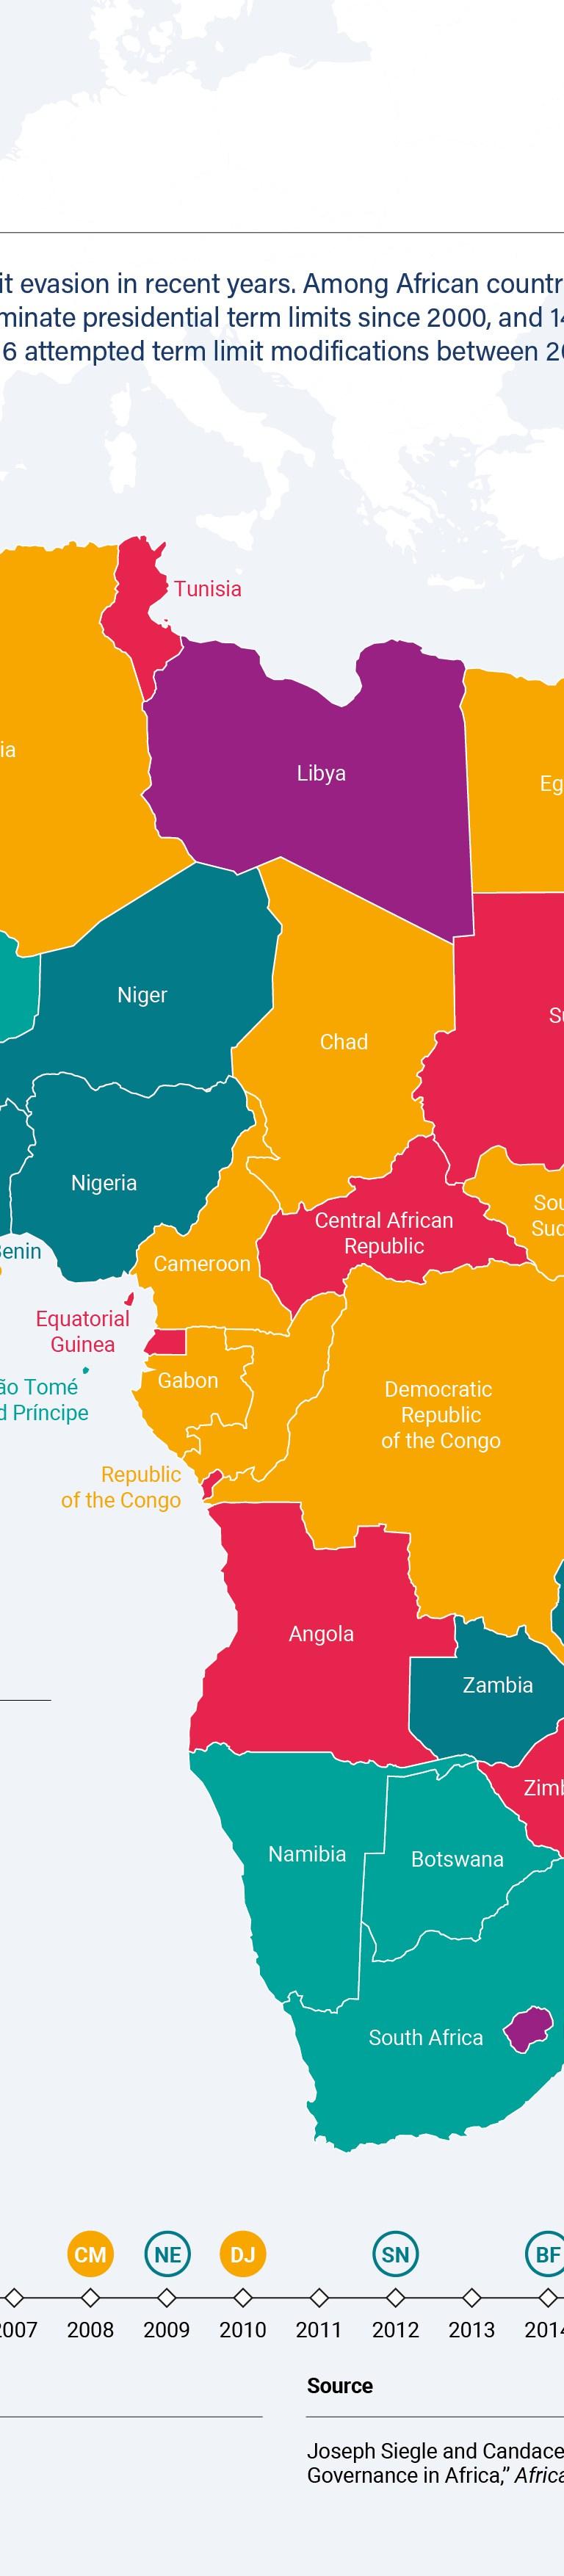 Third termism in Africa